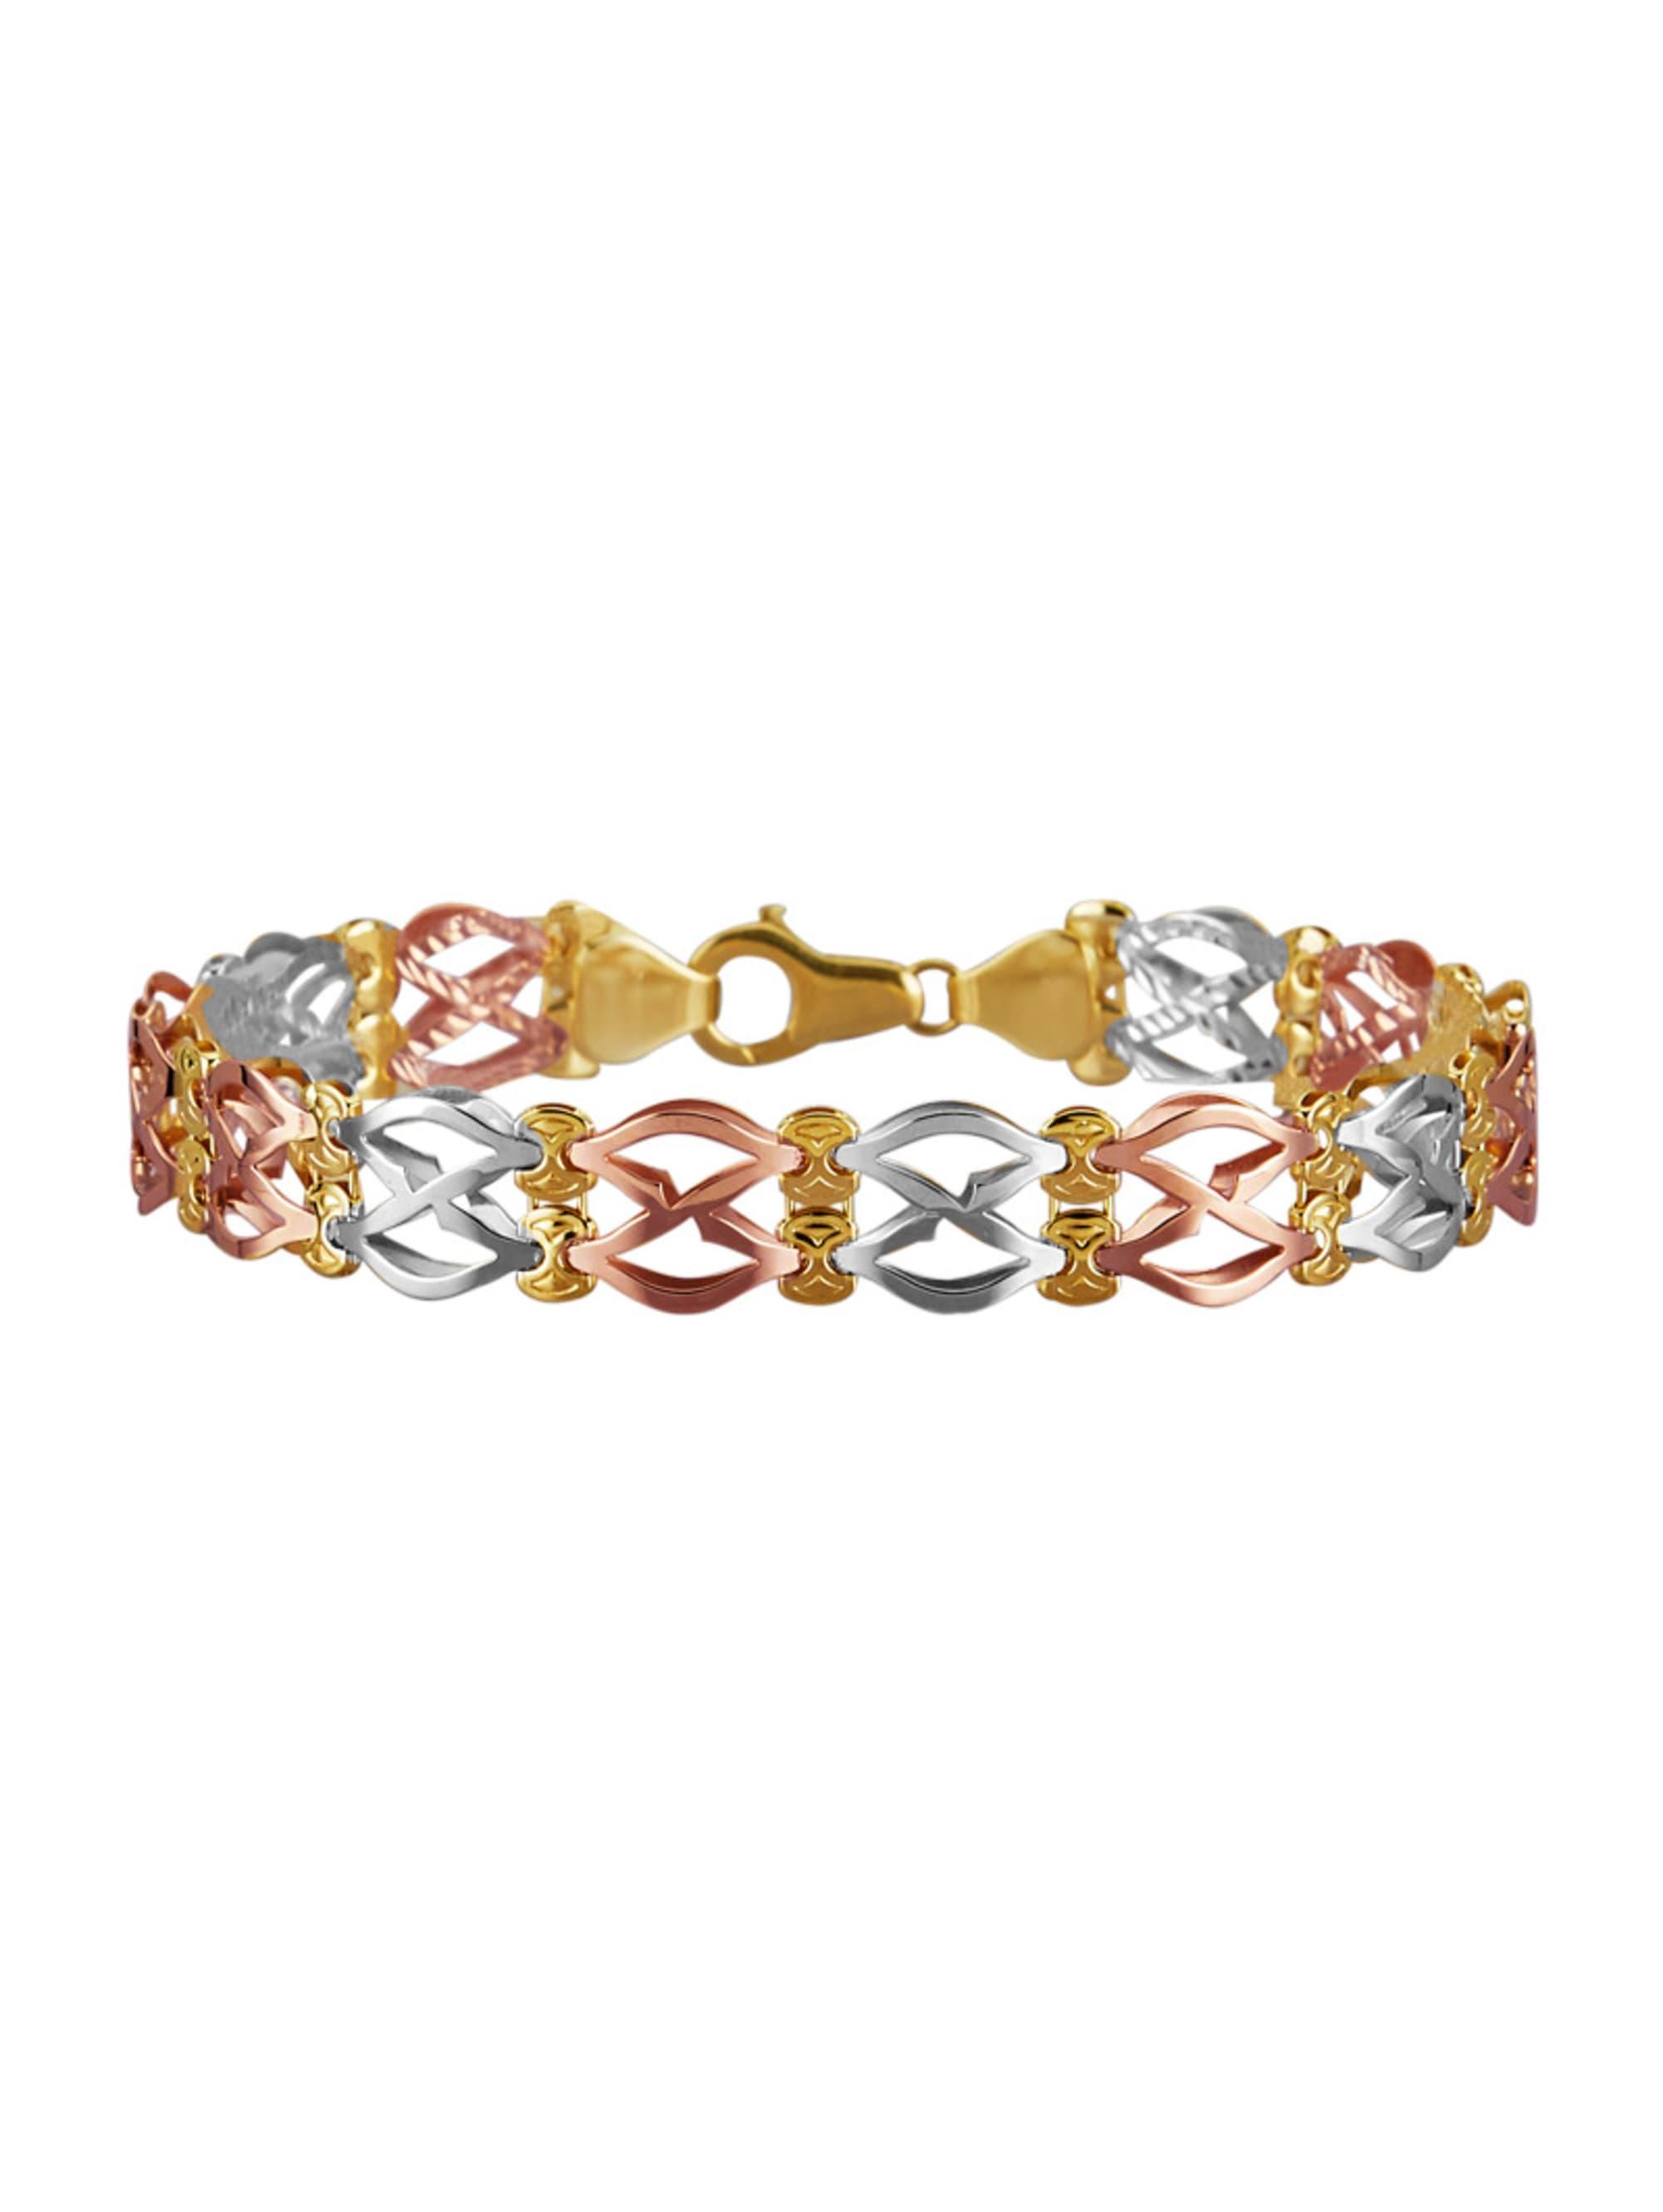 Diemer Gold Armband in Gelb-, Weiß- und Roségold 585 GaB4n